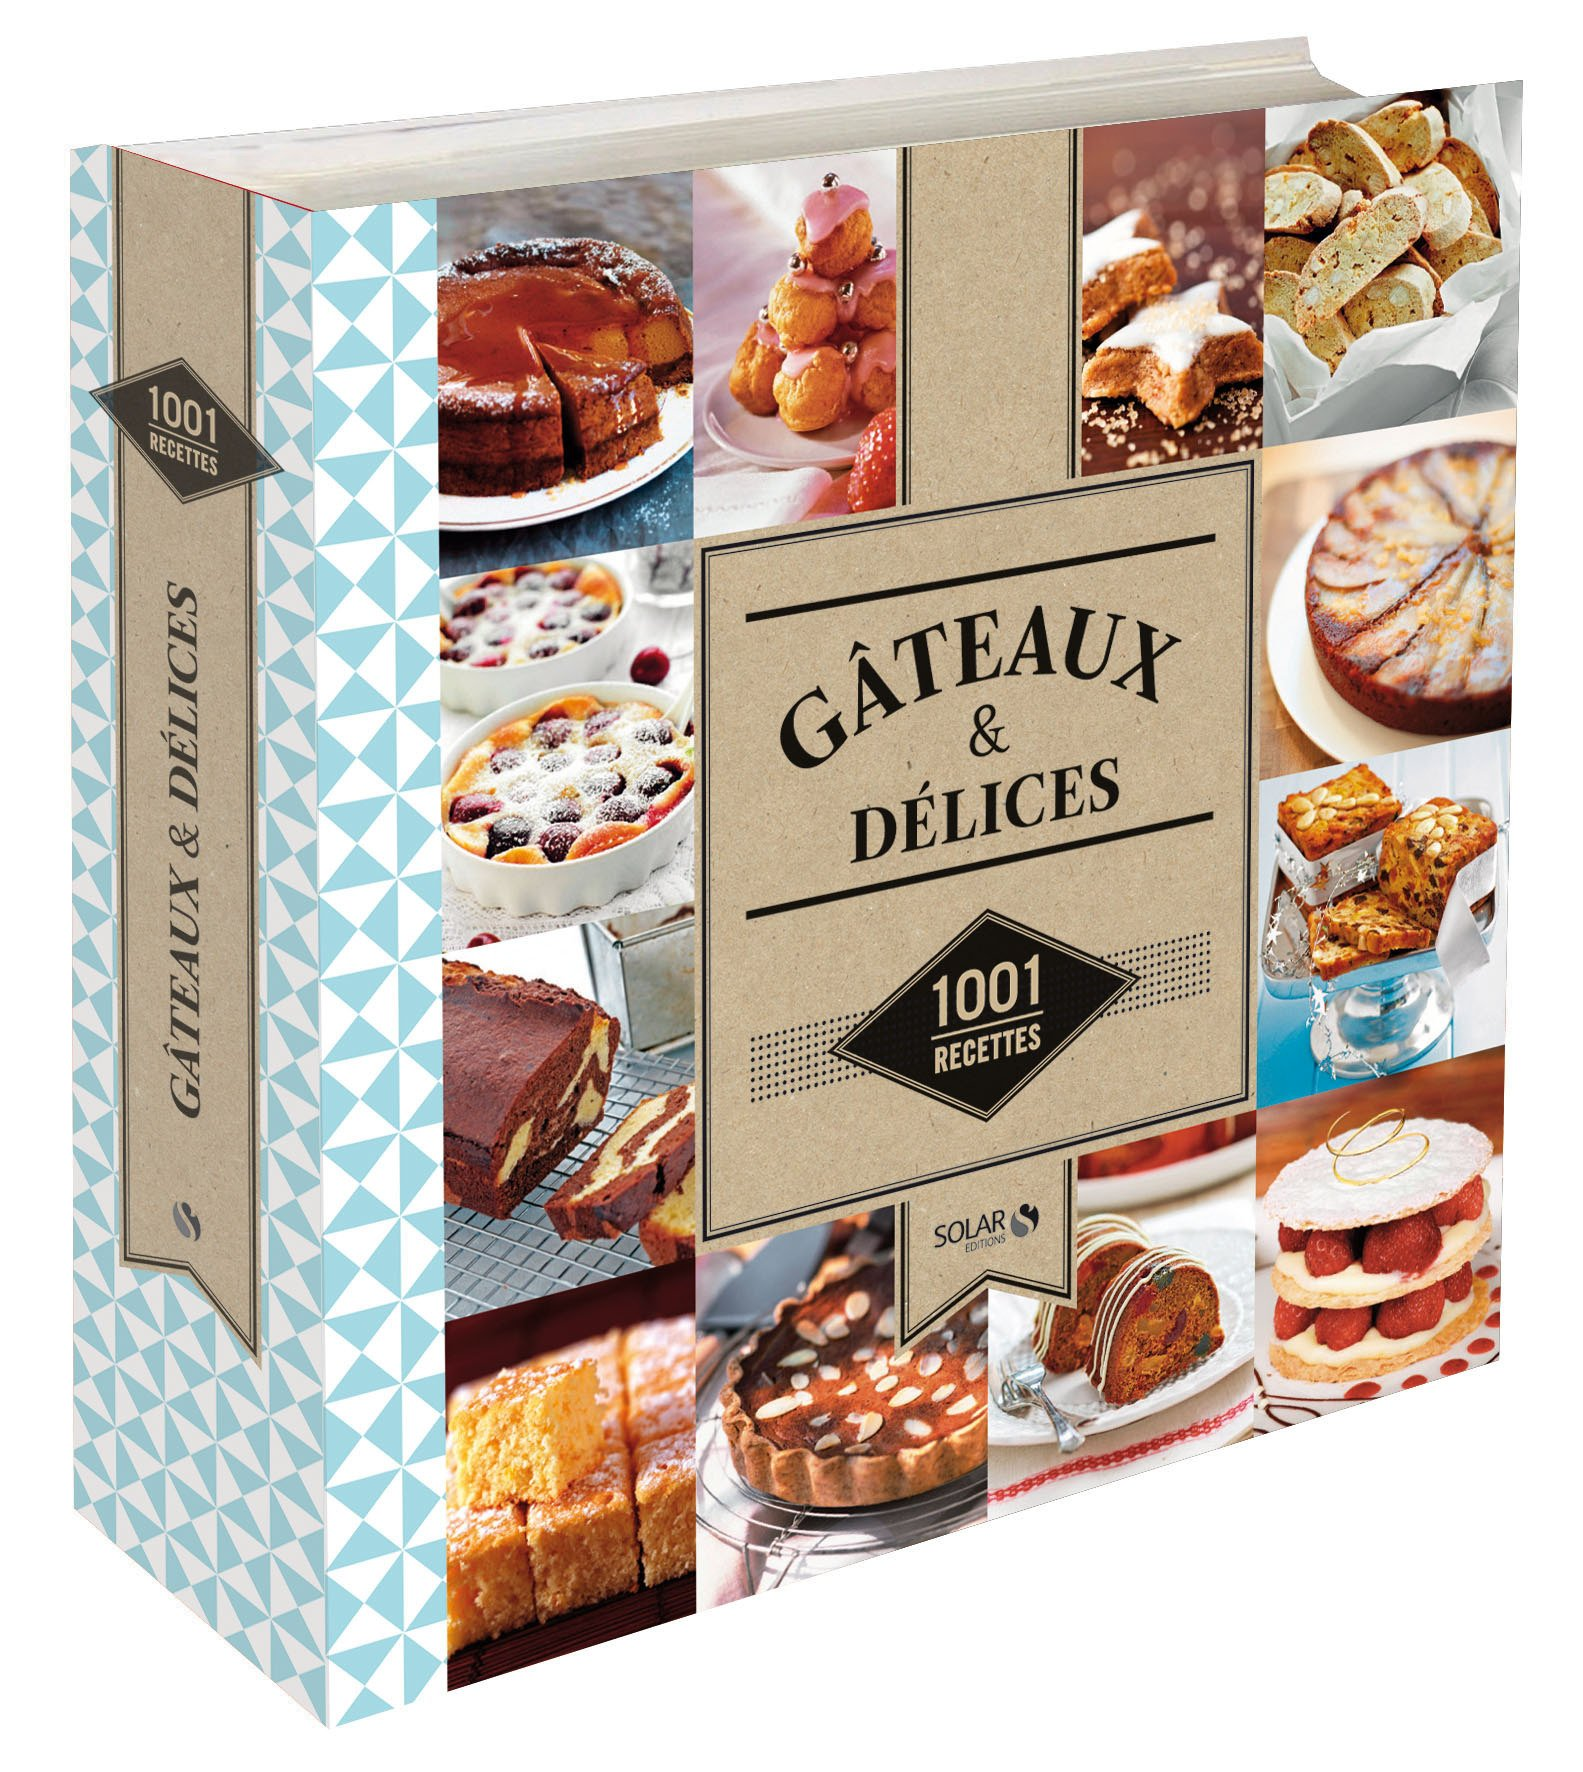 Amazon.fr - Gâteaux & Délices - 1001 recettes NE - Estérelle COLLECTIF -  Livres